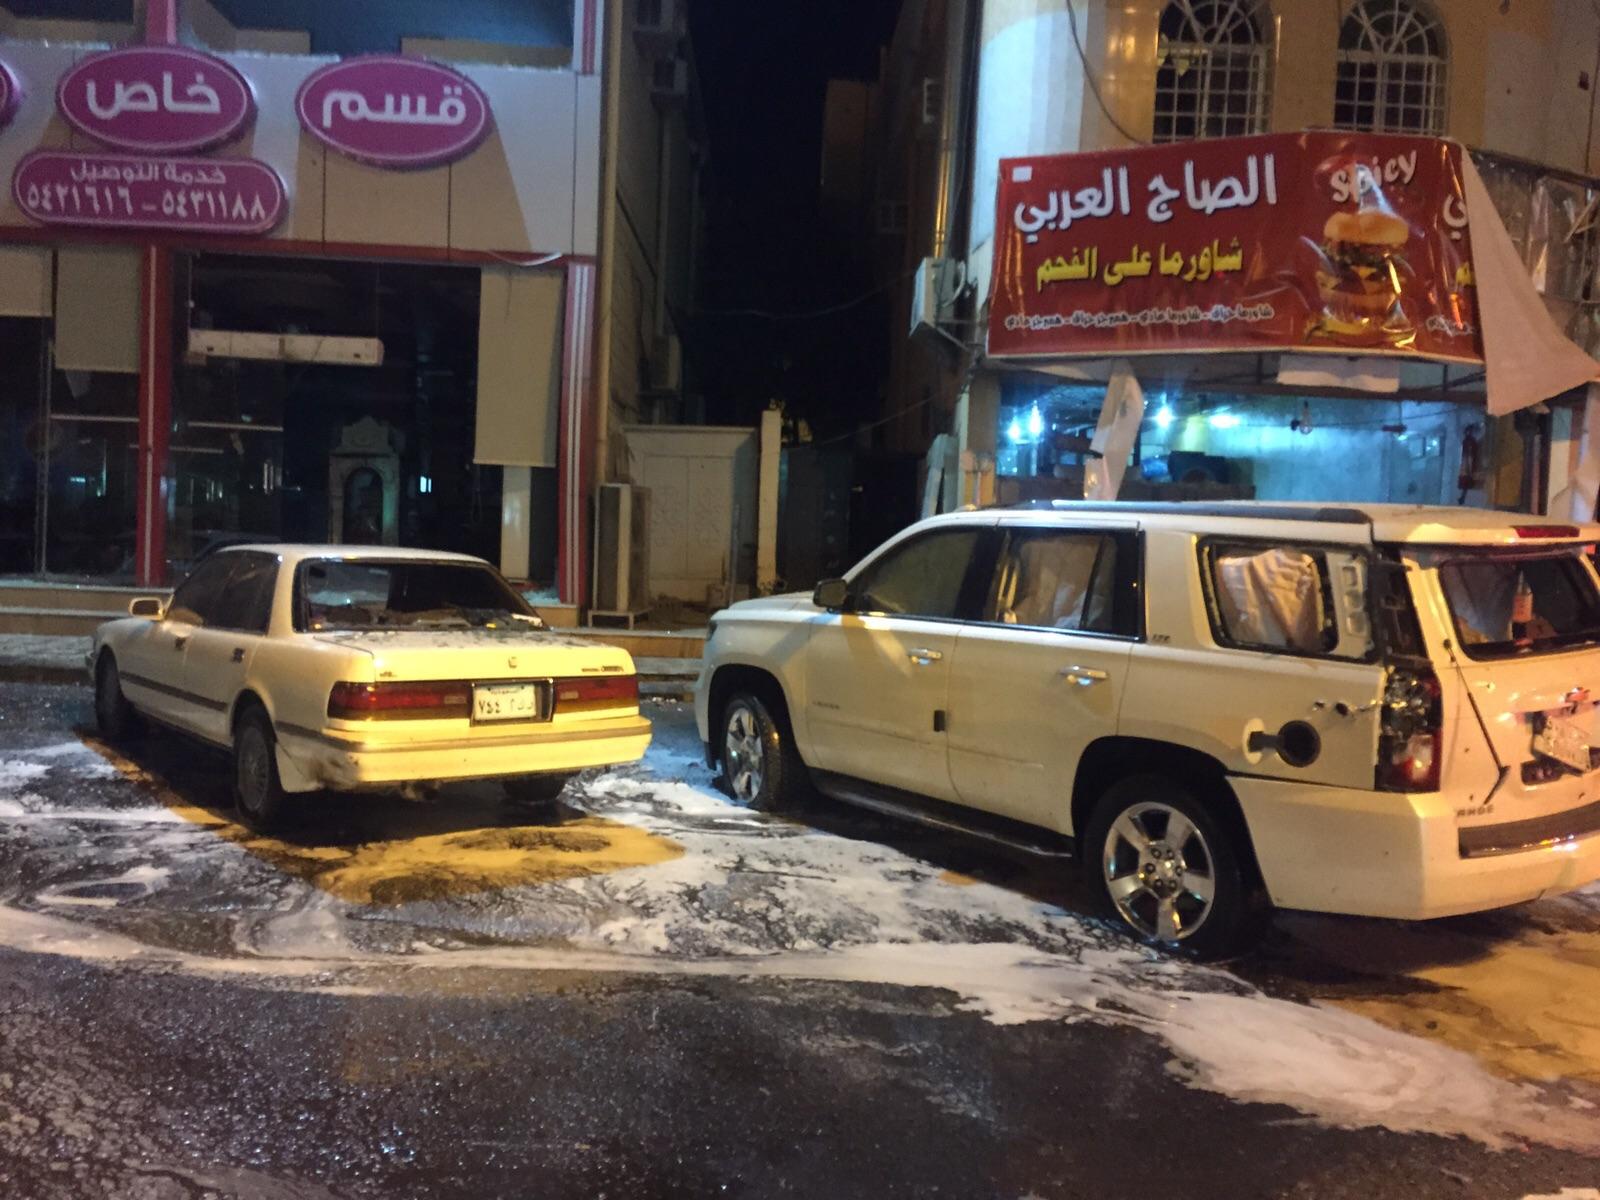 وفاة مقيم جراء سقوط قذائف حوثيه على نجران (2)